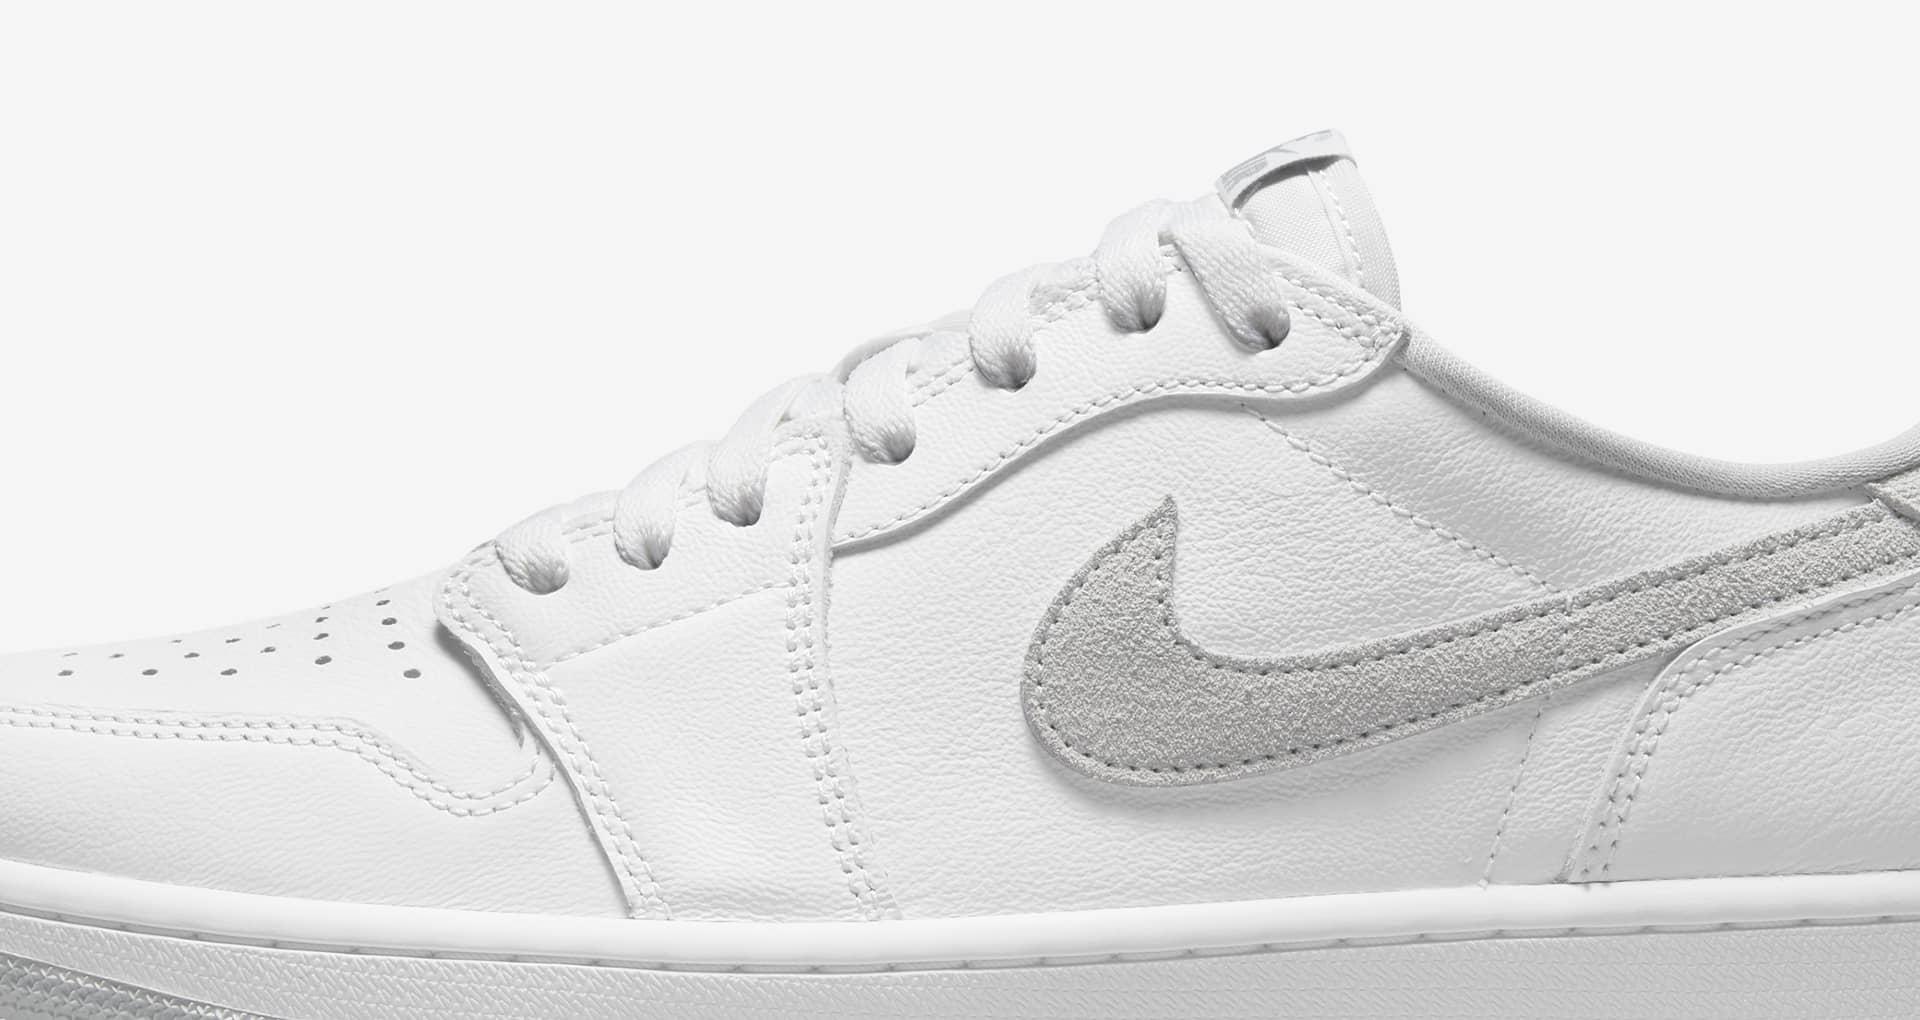 Jordan,Air Jordan 1 Low,AJ1,CZ  Vibe 风小白鞋!全新 AJ1 Low 即将发售!